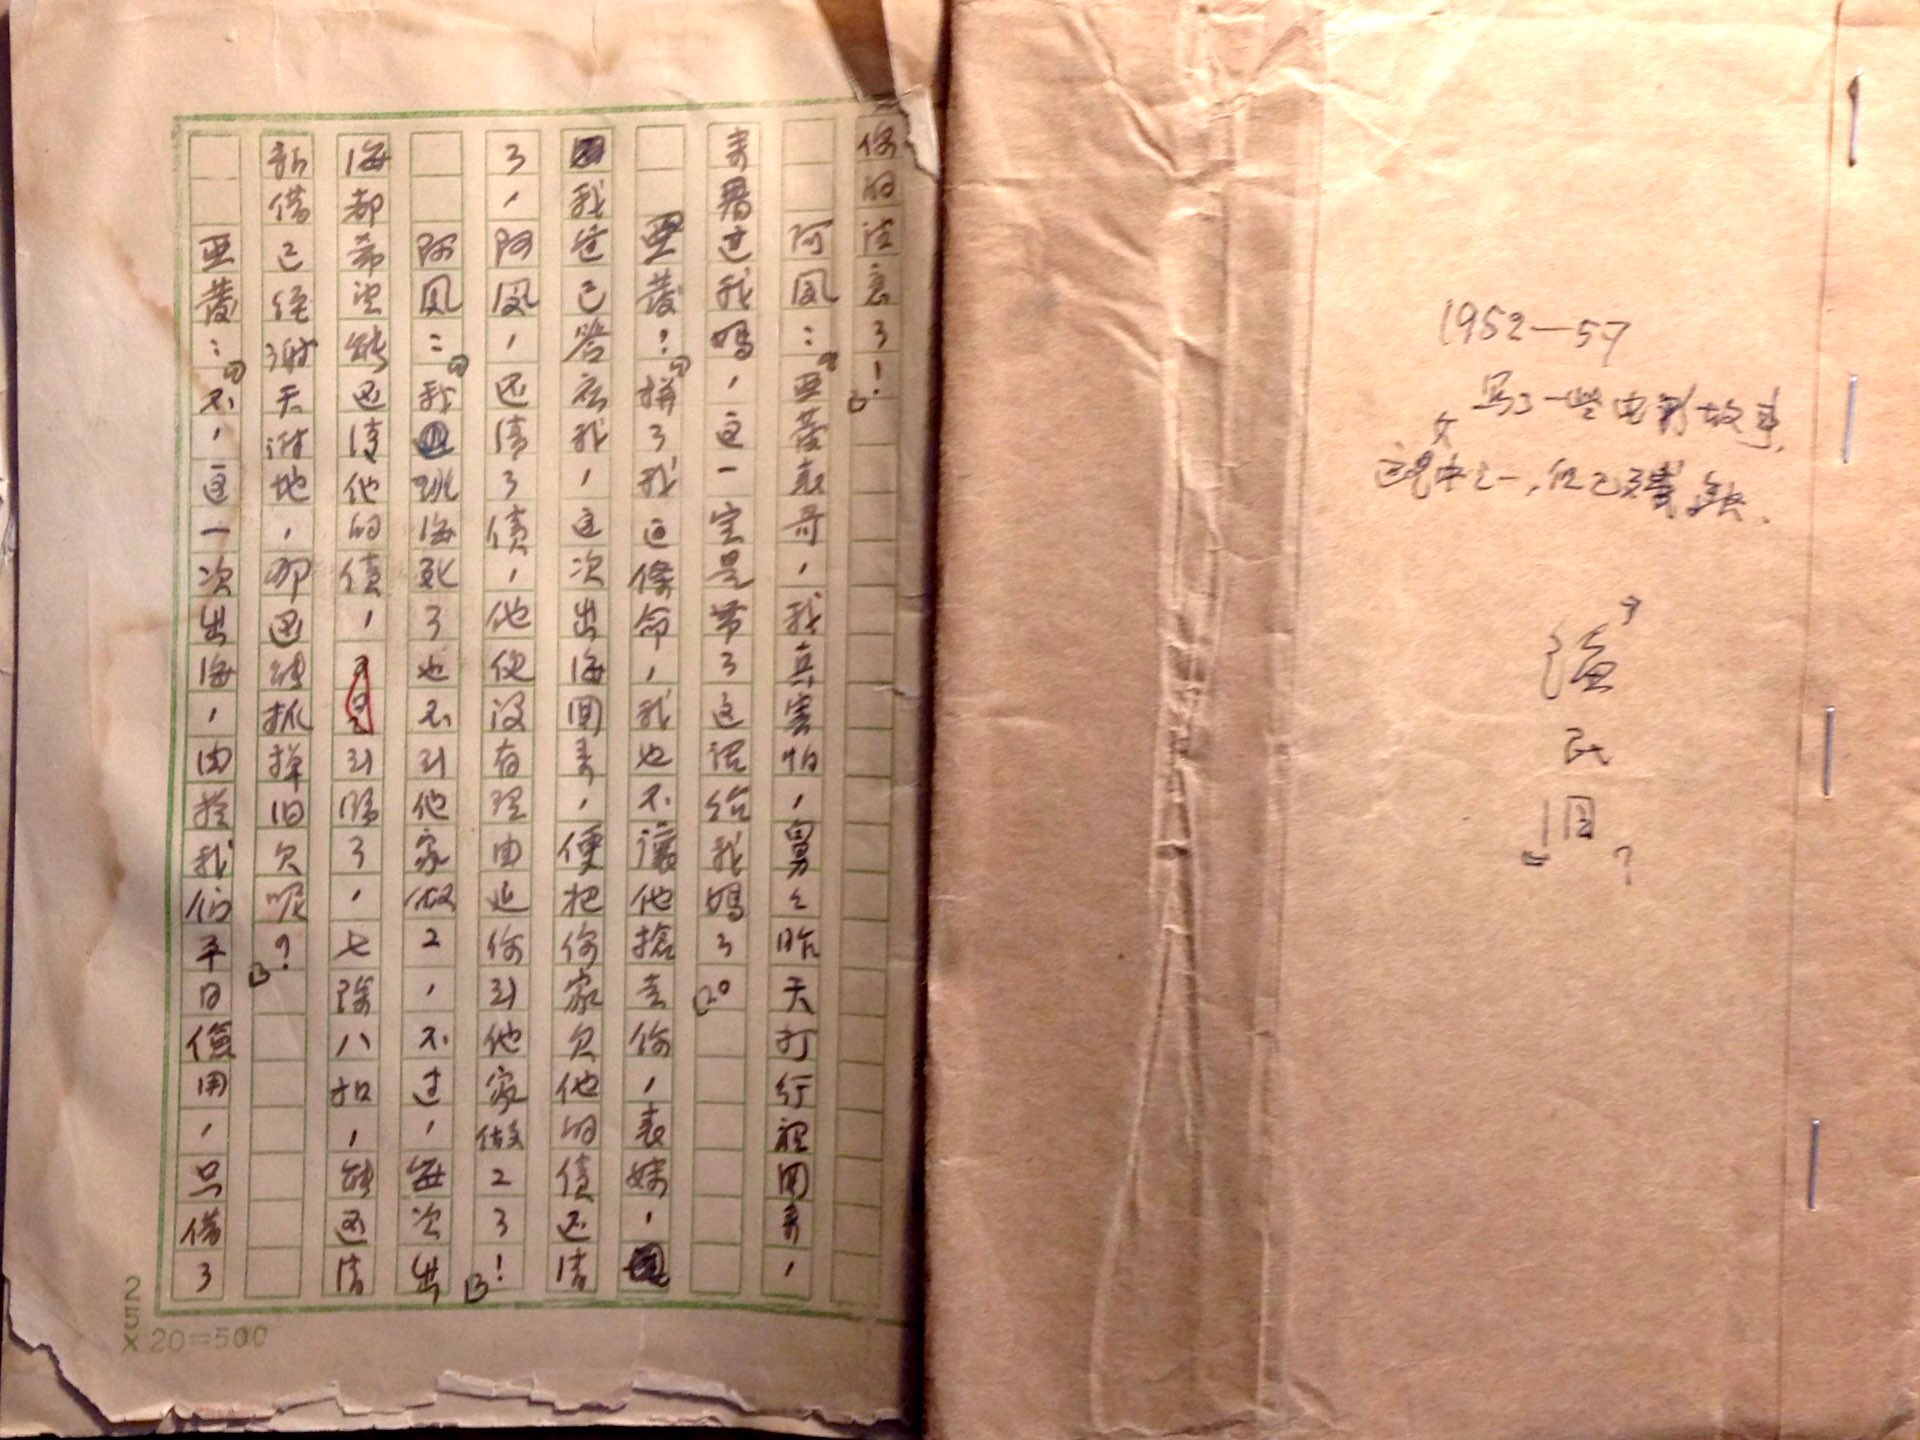 《漁民淚》是吳荻舟保留的一本電影劇本手稿,紙張已經泛黃發脆。